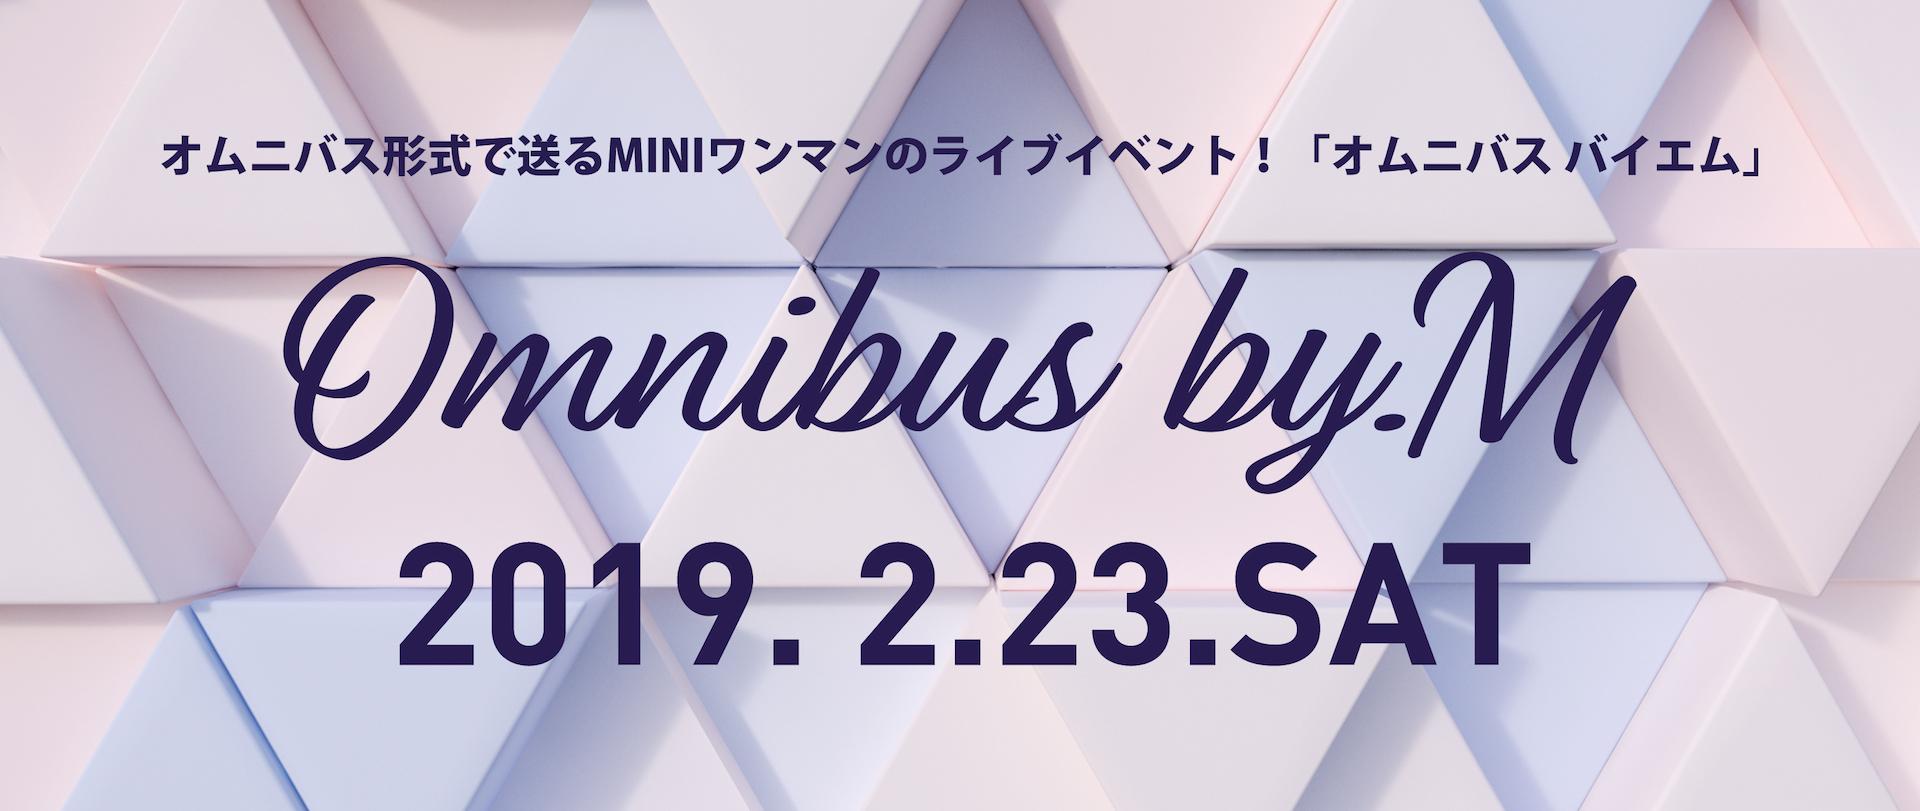 Omnibus by.M Vol.04